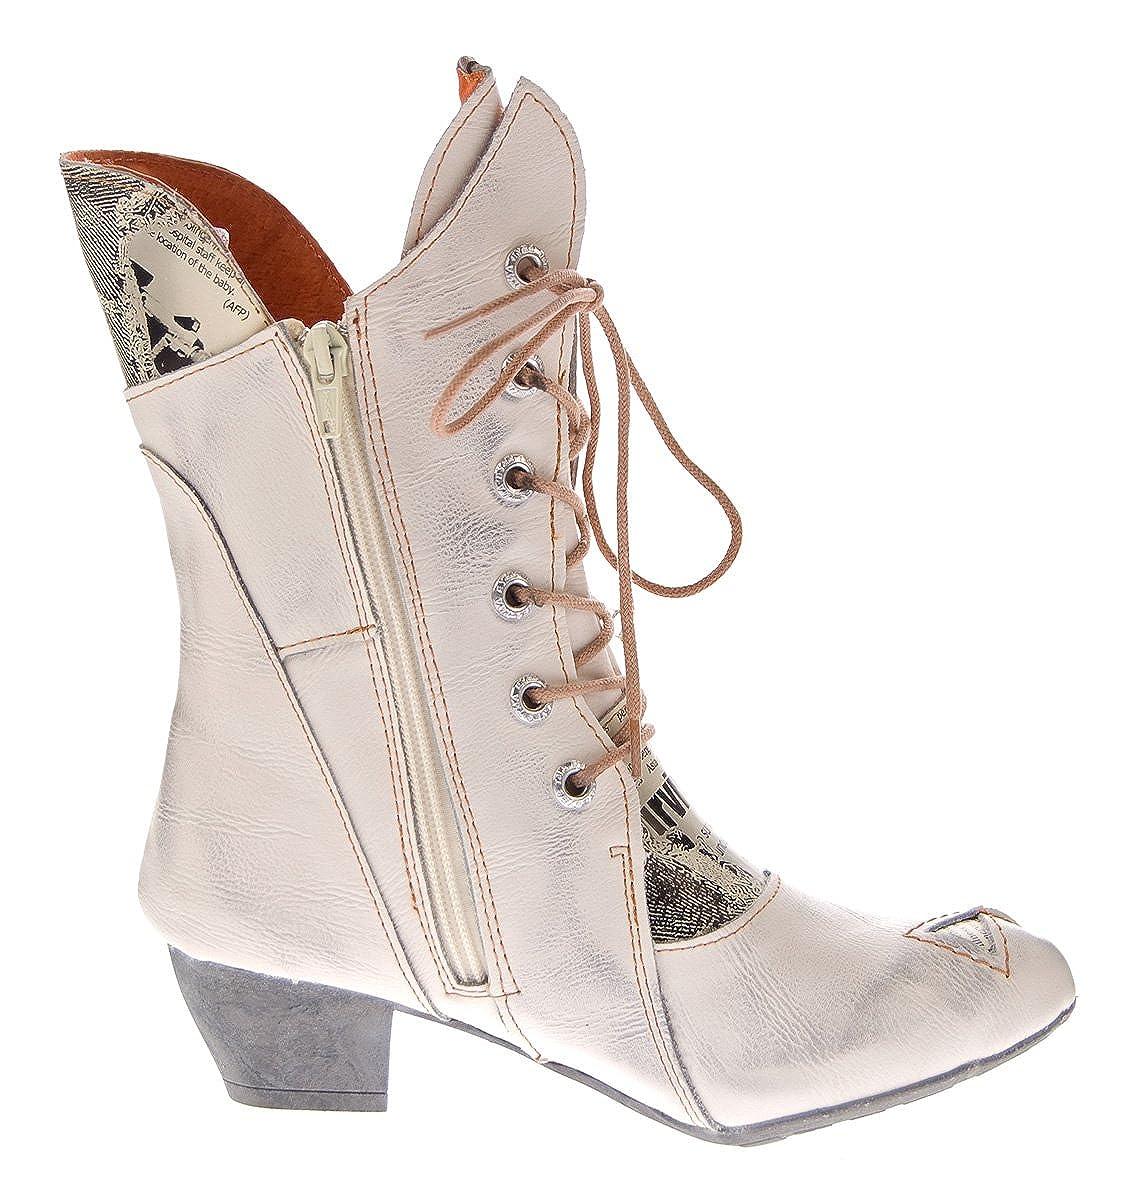 TMA Damen Stiefel Stiefel Stiefel Echt Leder Comfort Stiefel Schuhe 7011 Stiefeletten 36-42 af6f92